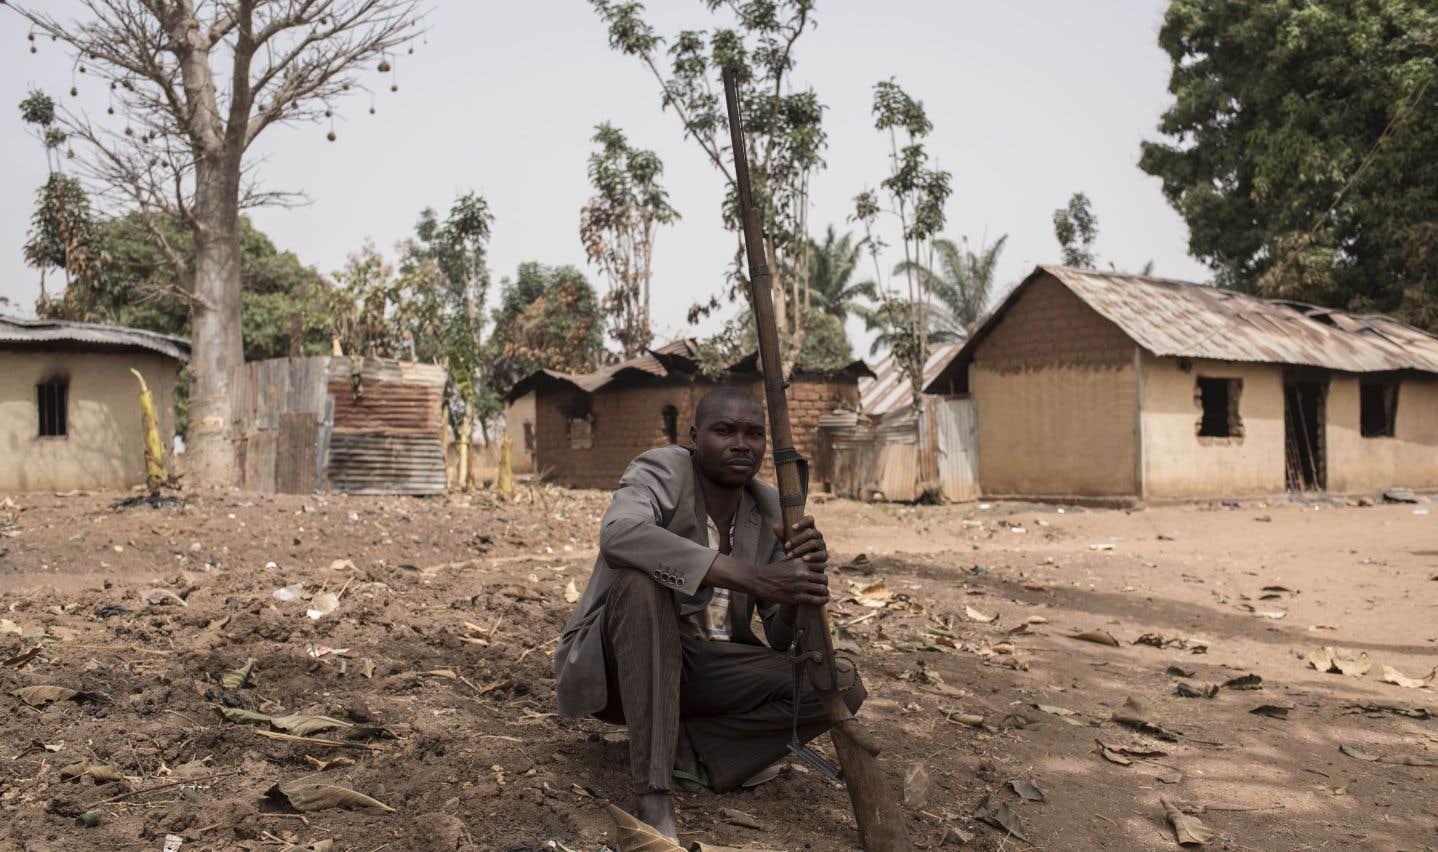 Une vigile armée dans le village de Bakin Kogi, dans l'État de Kaduna dans le nord-ouest du Nigeria, en février 2017. Le village avait été attaqué, peu avant, par des présumés bergers peuls.